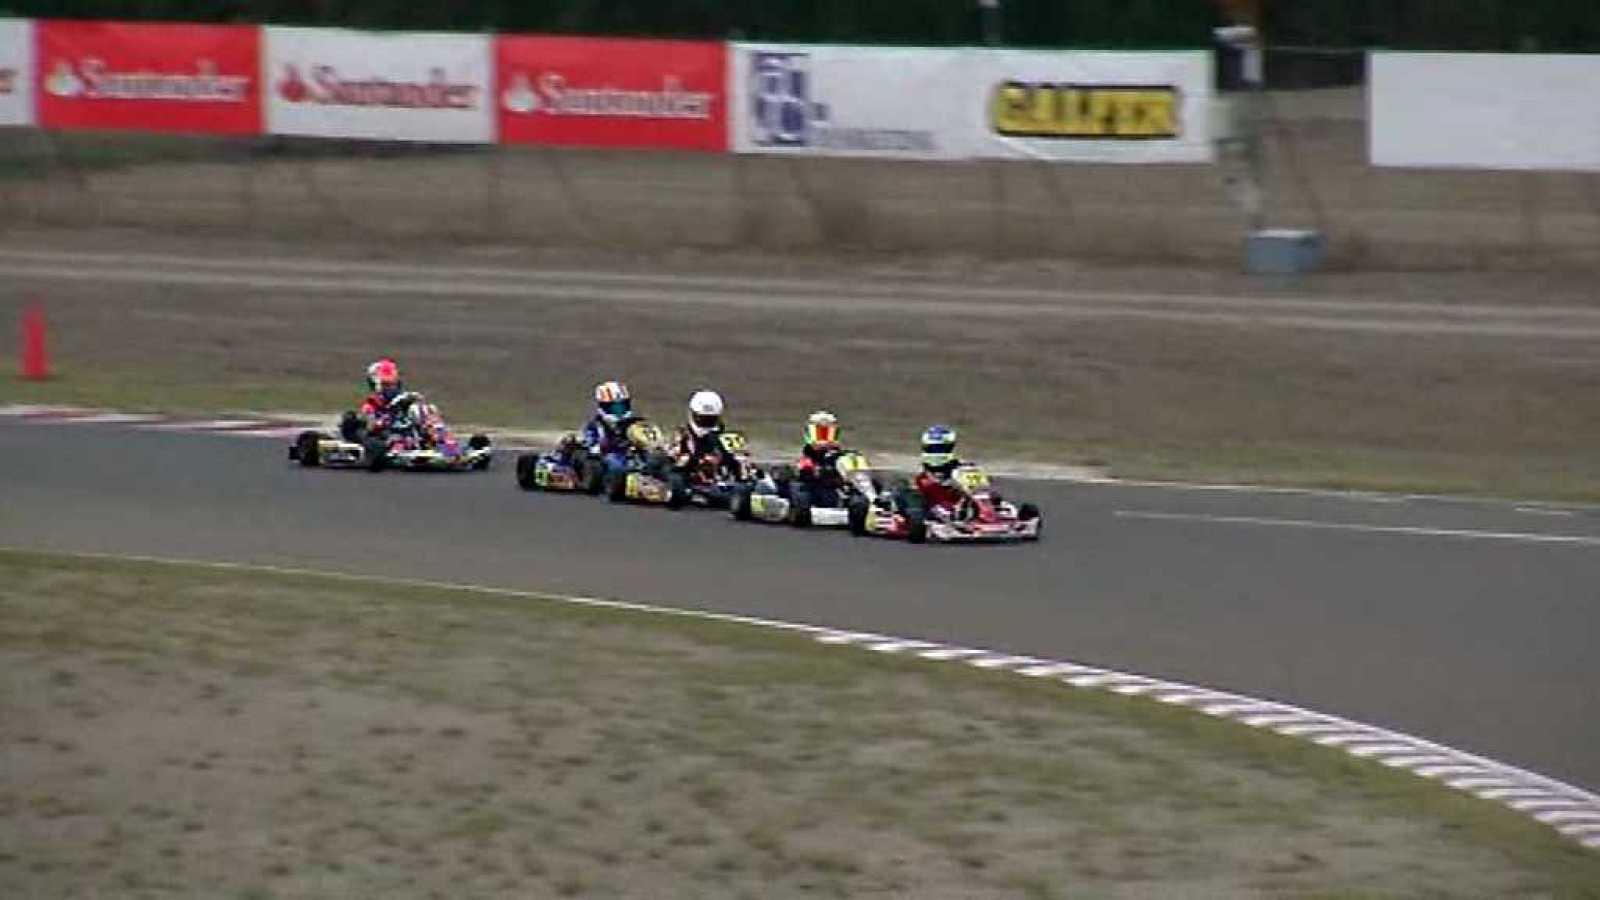 Circuito Zuera : Automovilismo karting: campeonato de españa prueba zuera rtve.es